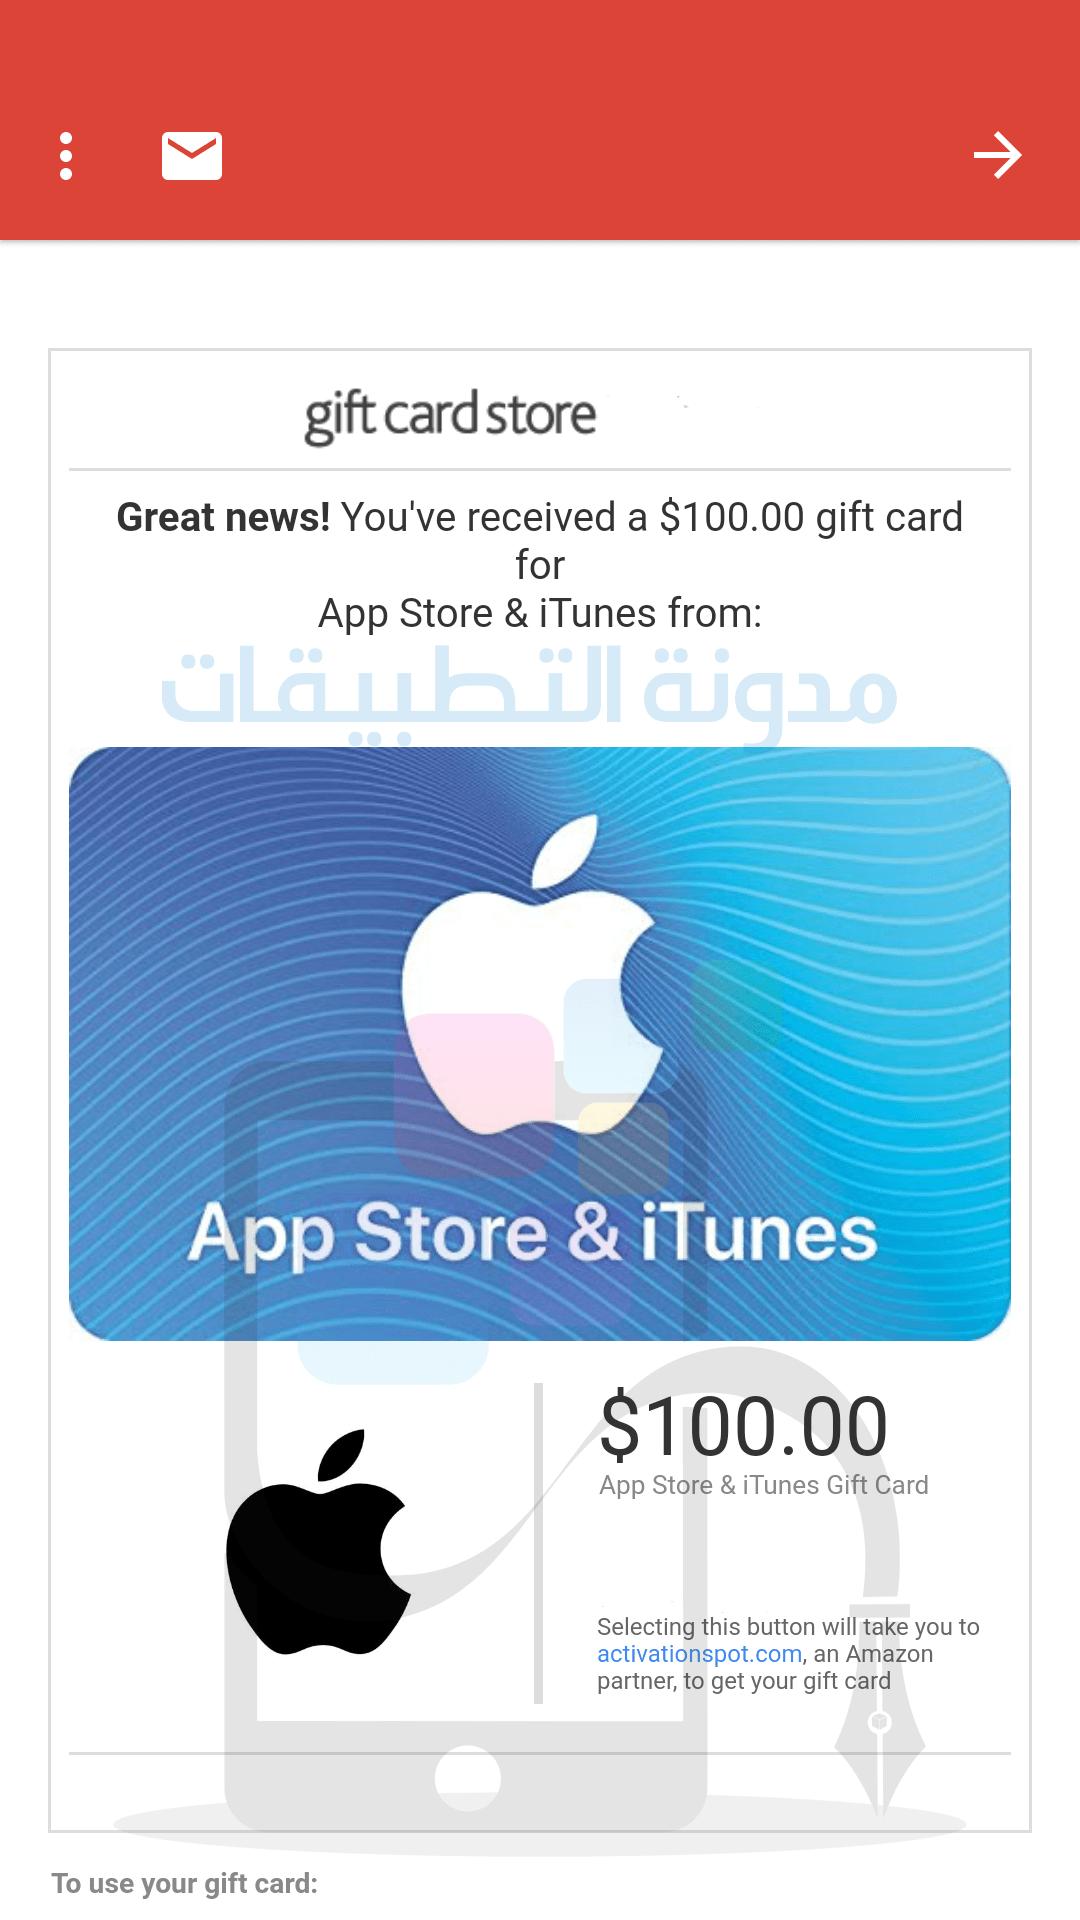 طريقة شراء بطاقات ايتونز من امازون واستلامها عن طريق الايميل في الحال Itunes Gift Cards Itunes 100 App